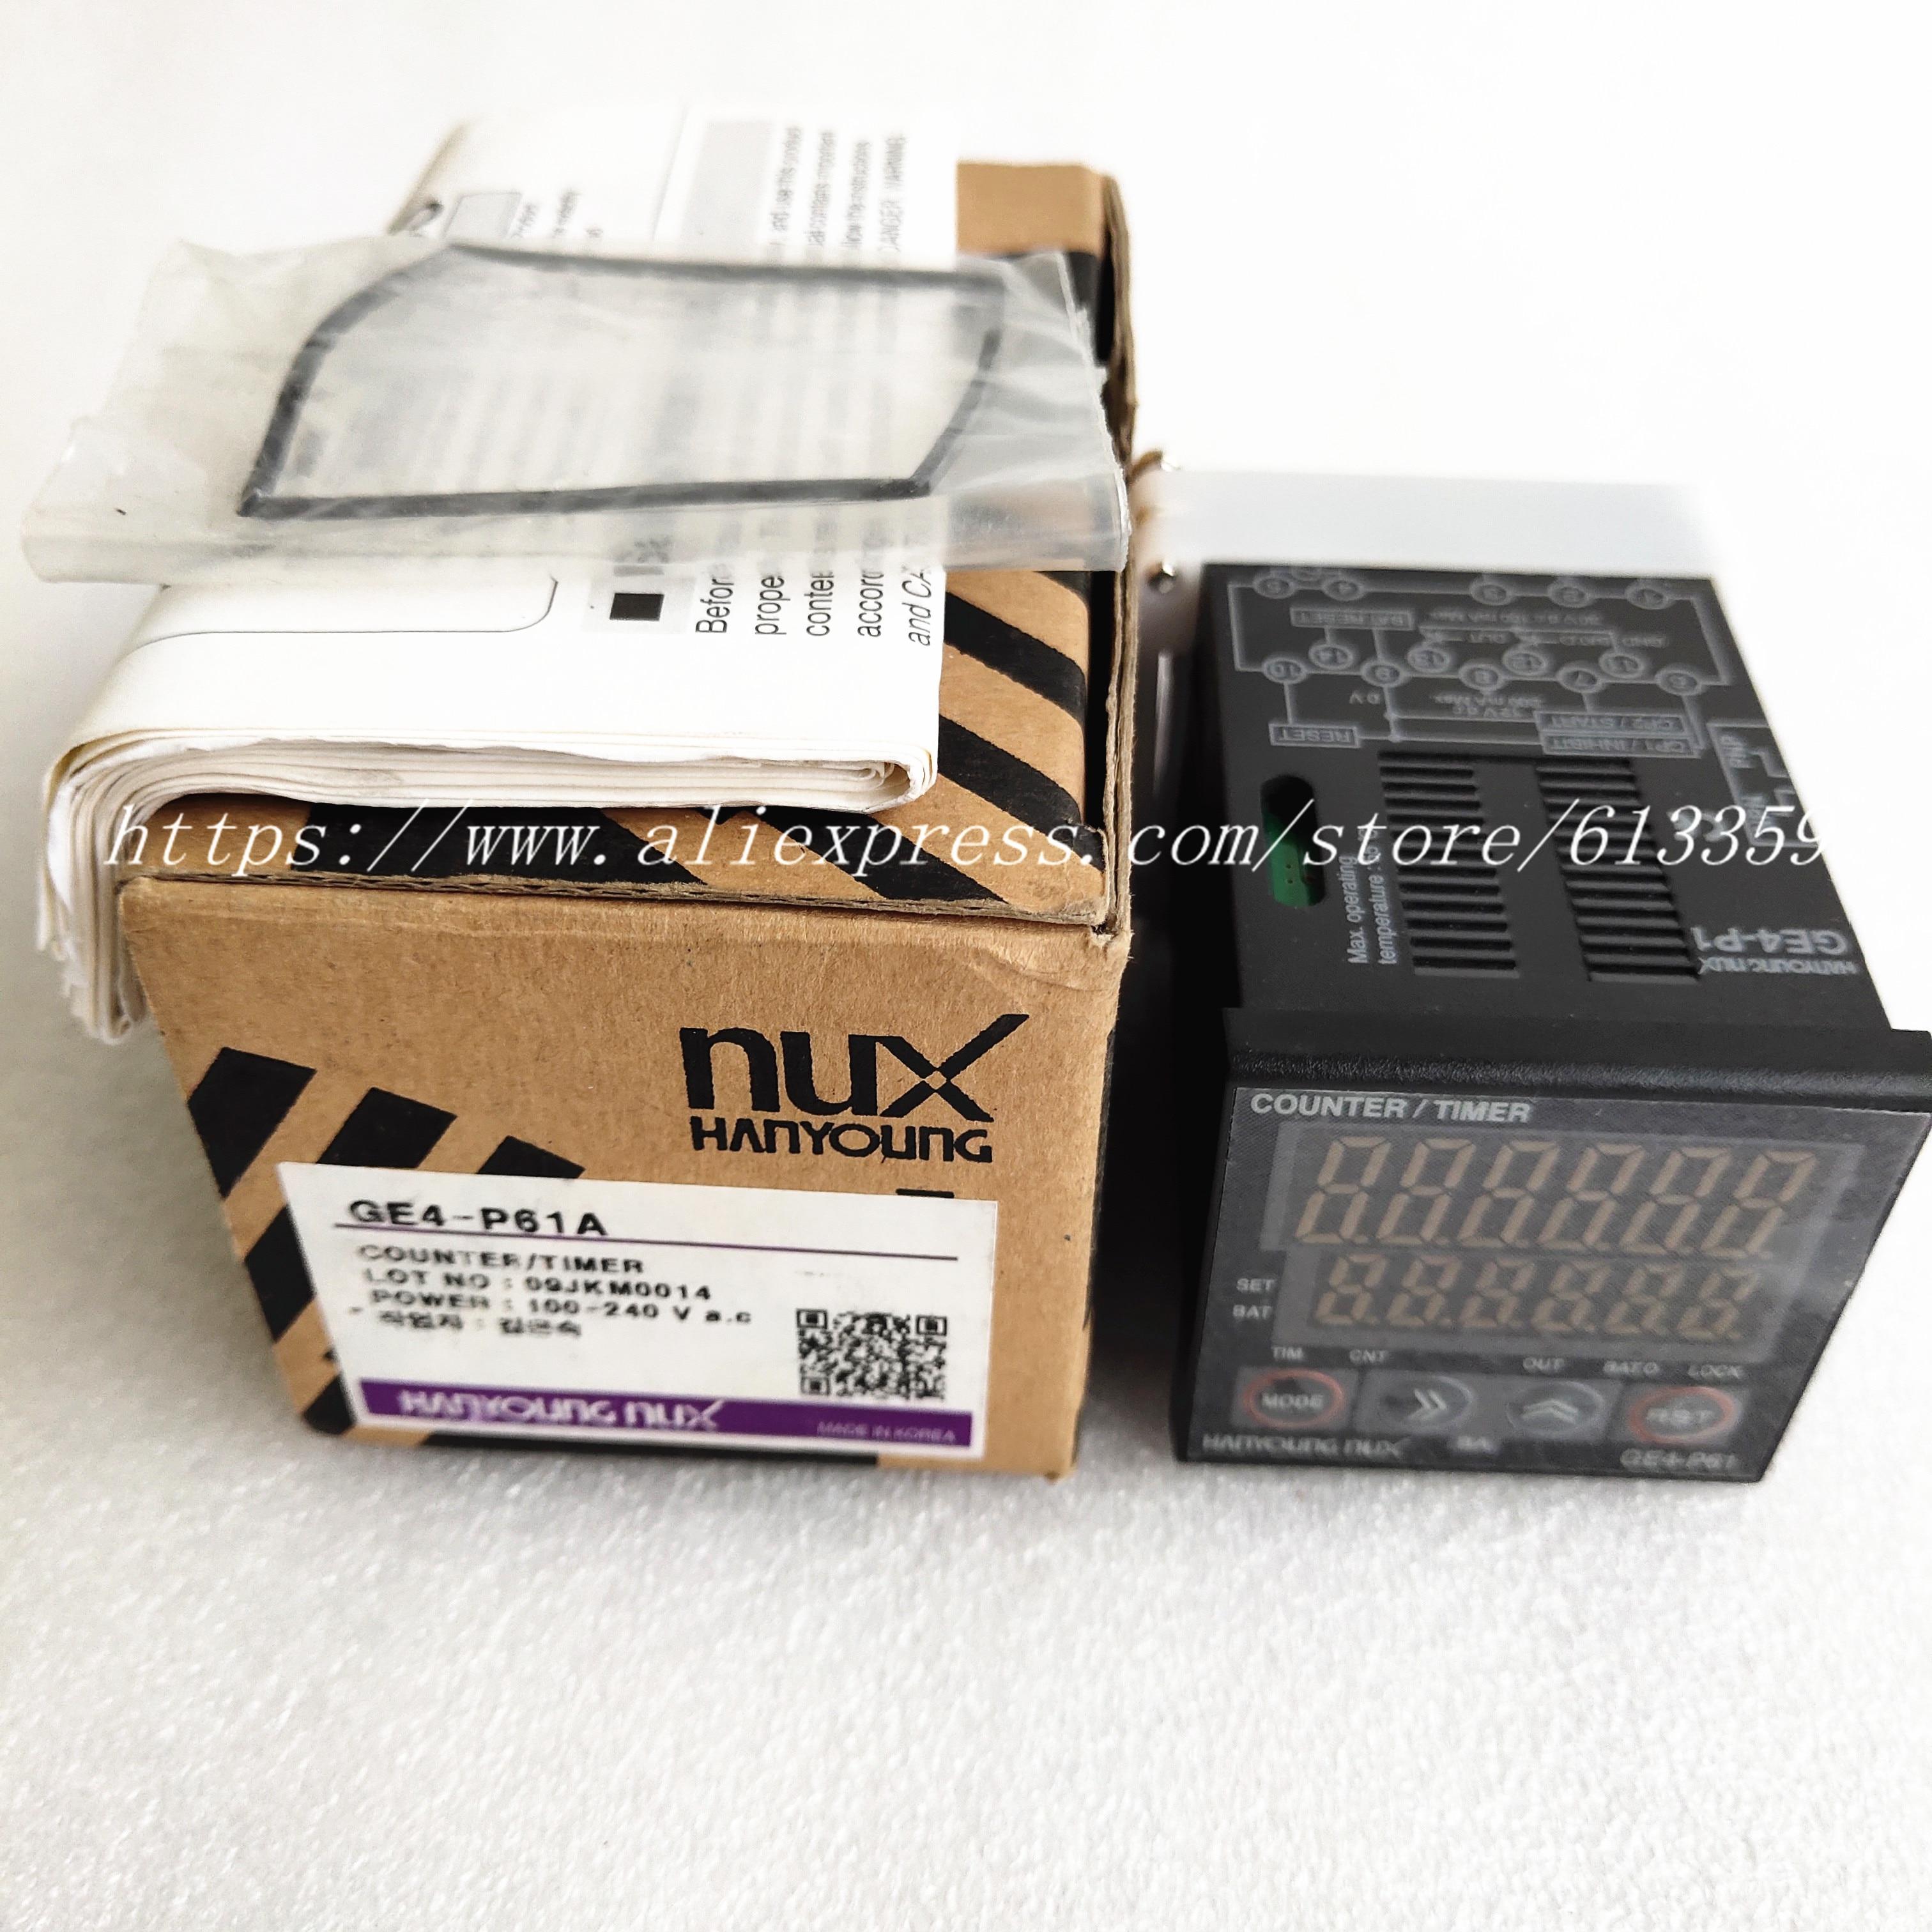 GE4 P61A GE4 P41A GE6 P61A GE6 P41A GE4 T6A HanyoungNux Counter Timer 100 New Original